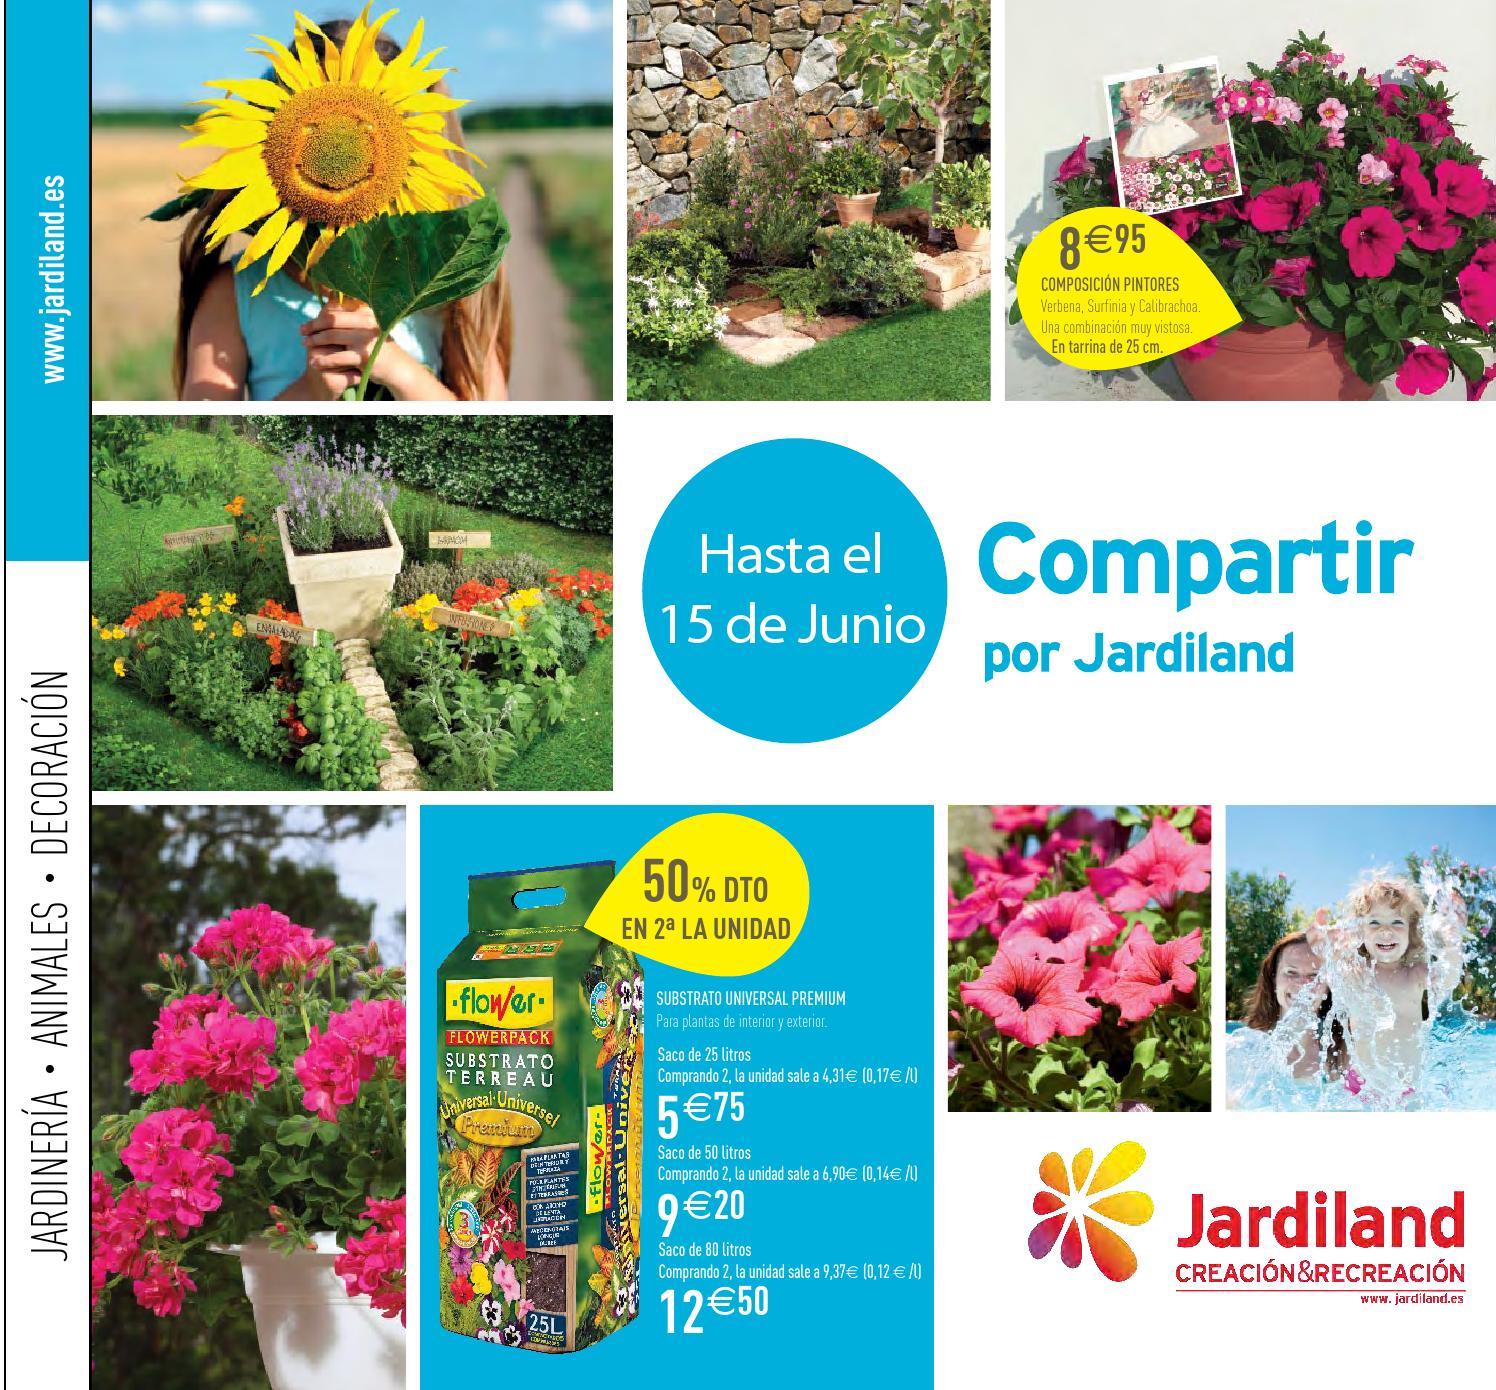 Catálogo Jardiland 10 De Mayo 15 De Junio 2013 By Jardiland España